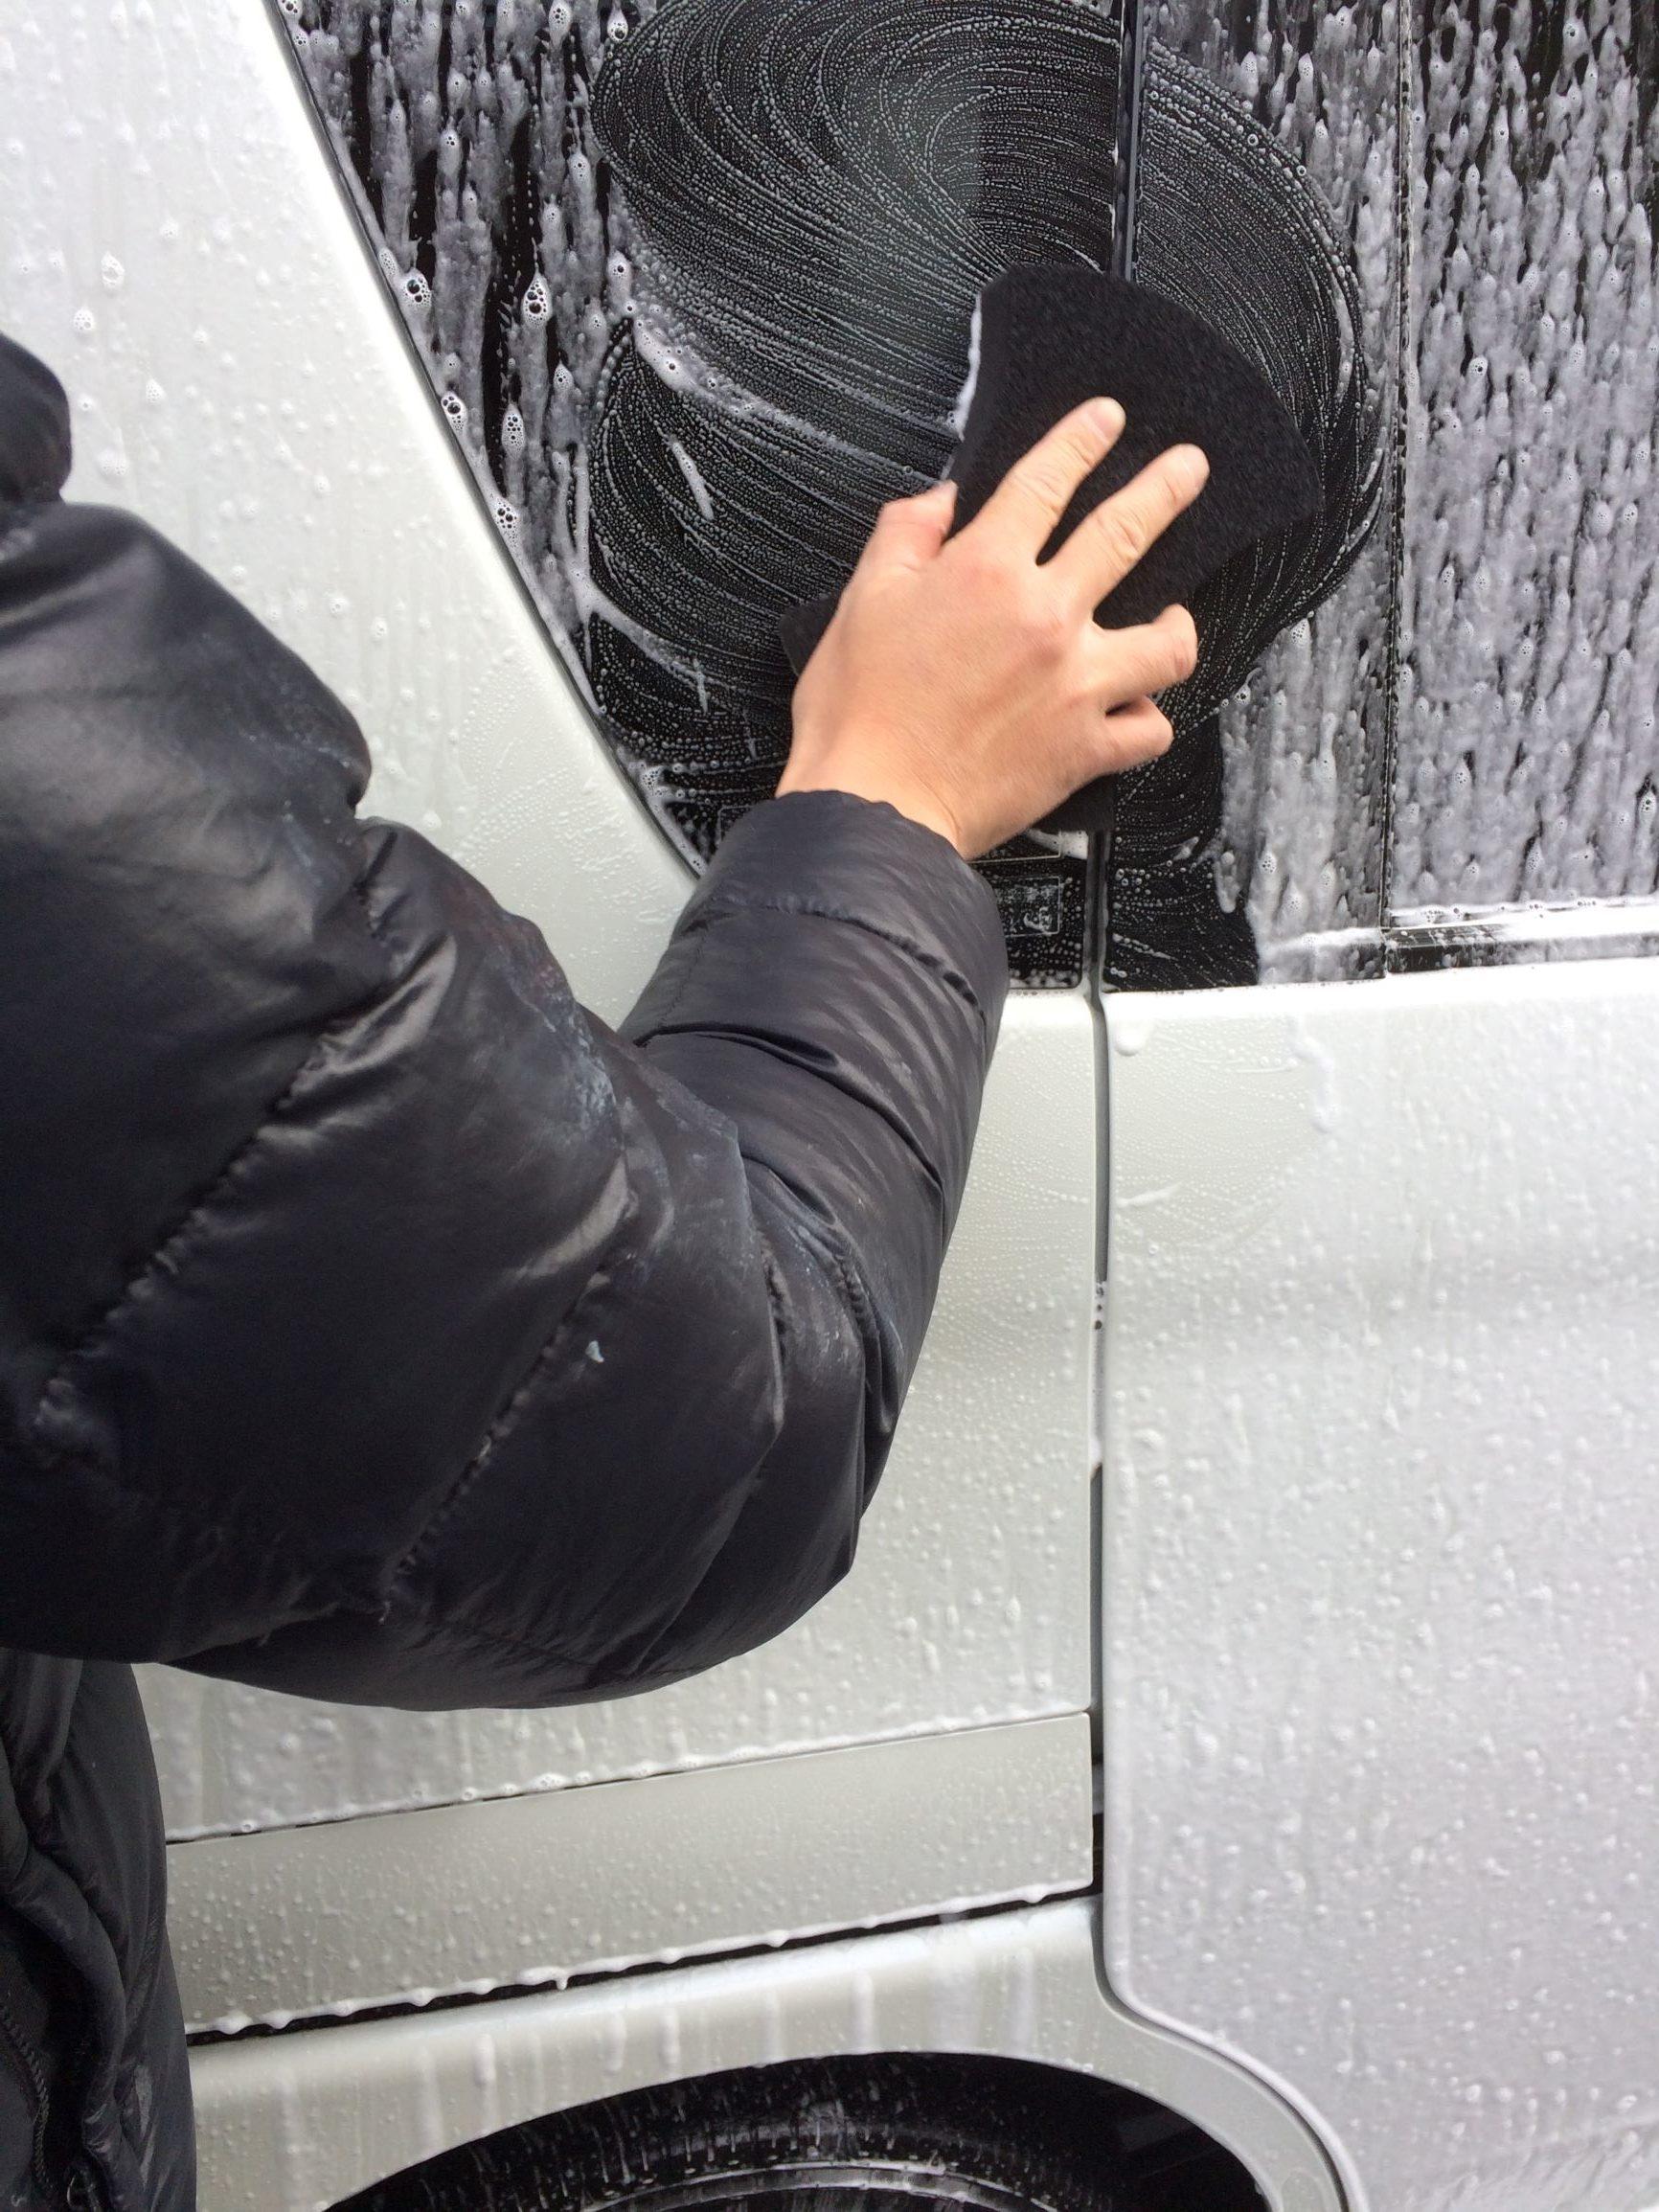 高圧洗浄機 洗車 方法